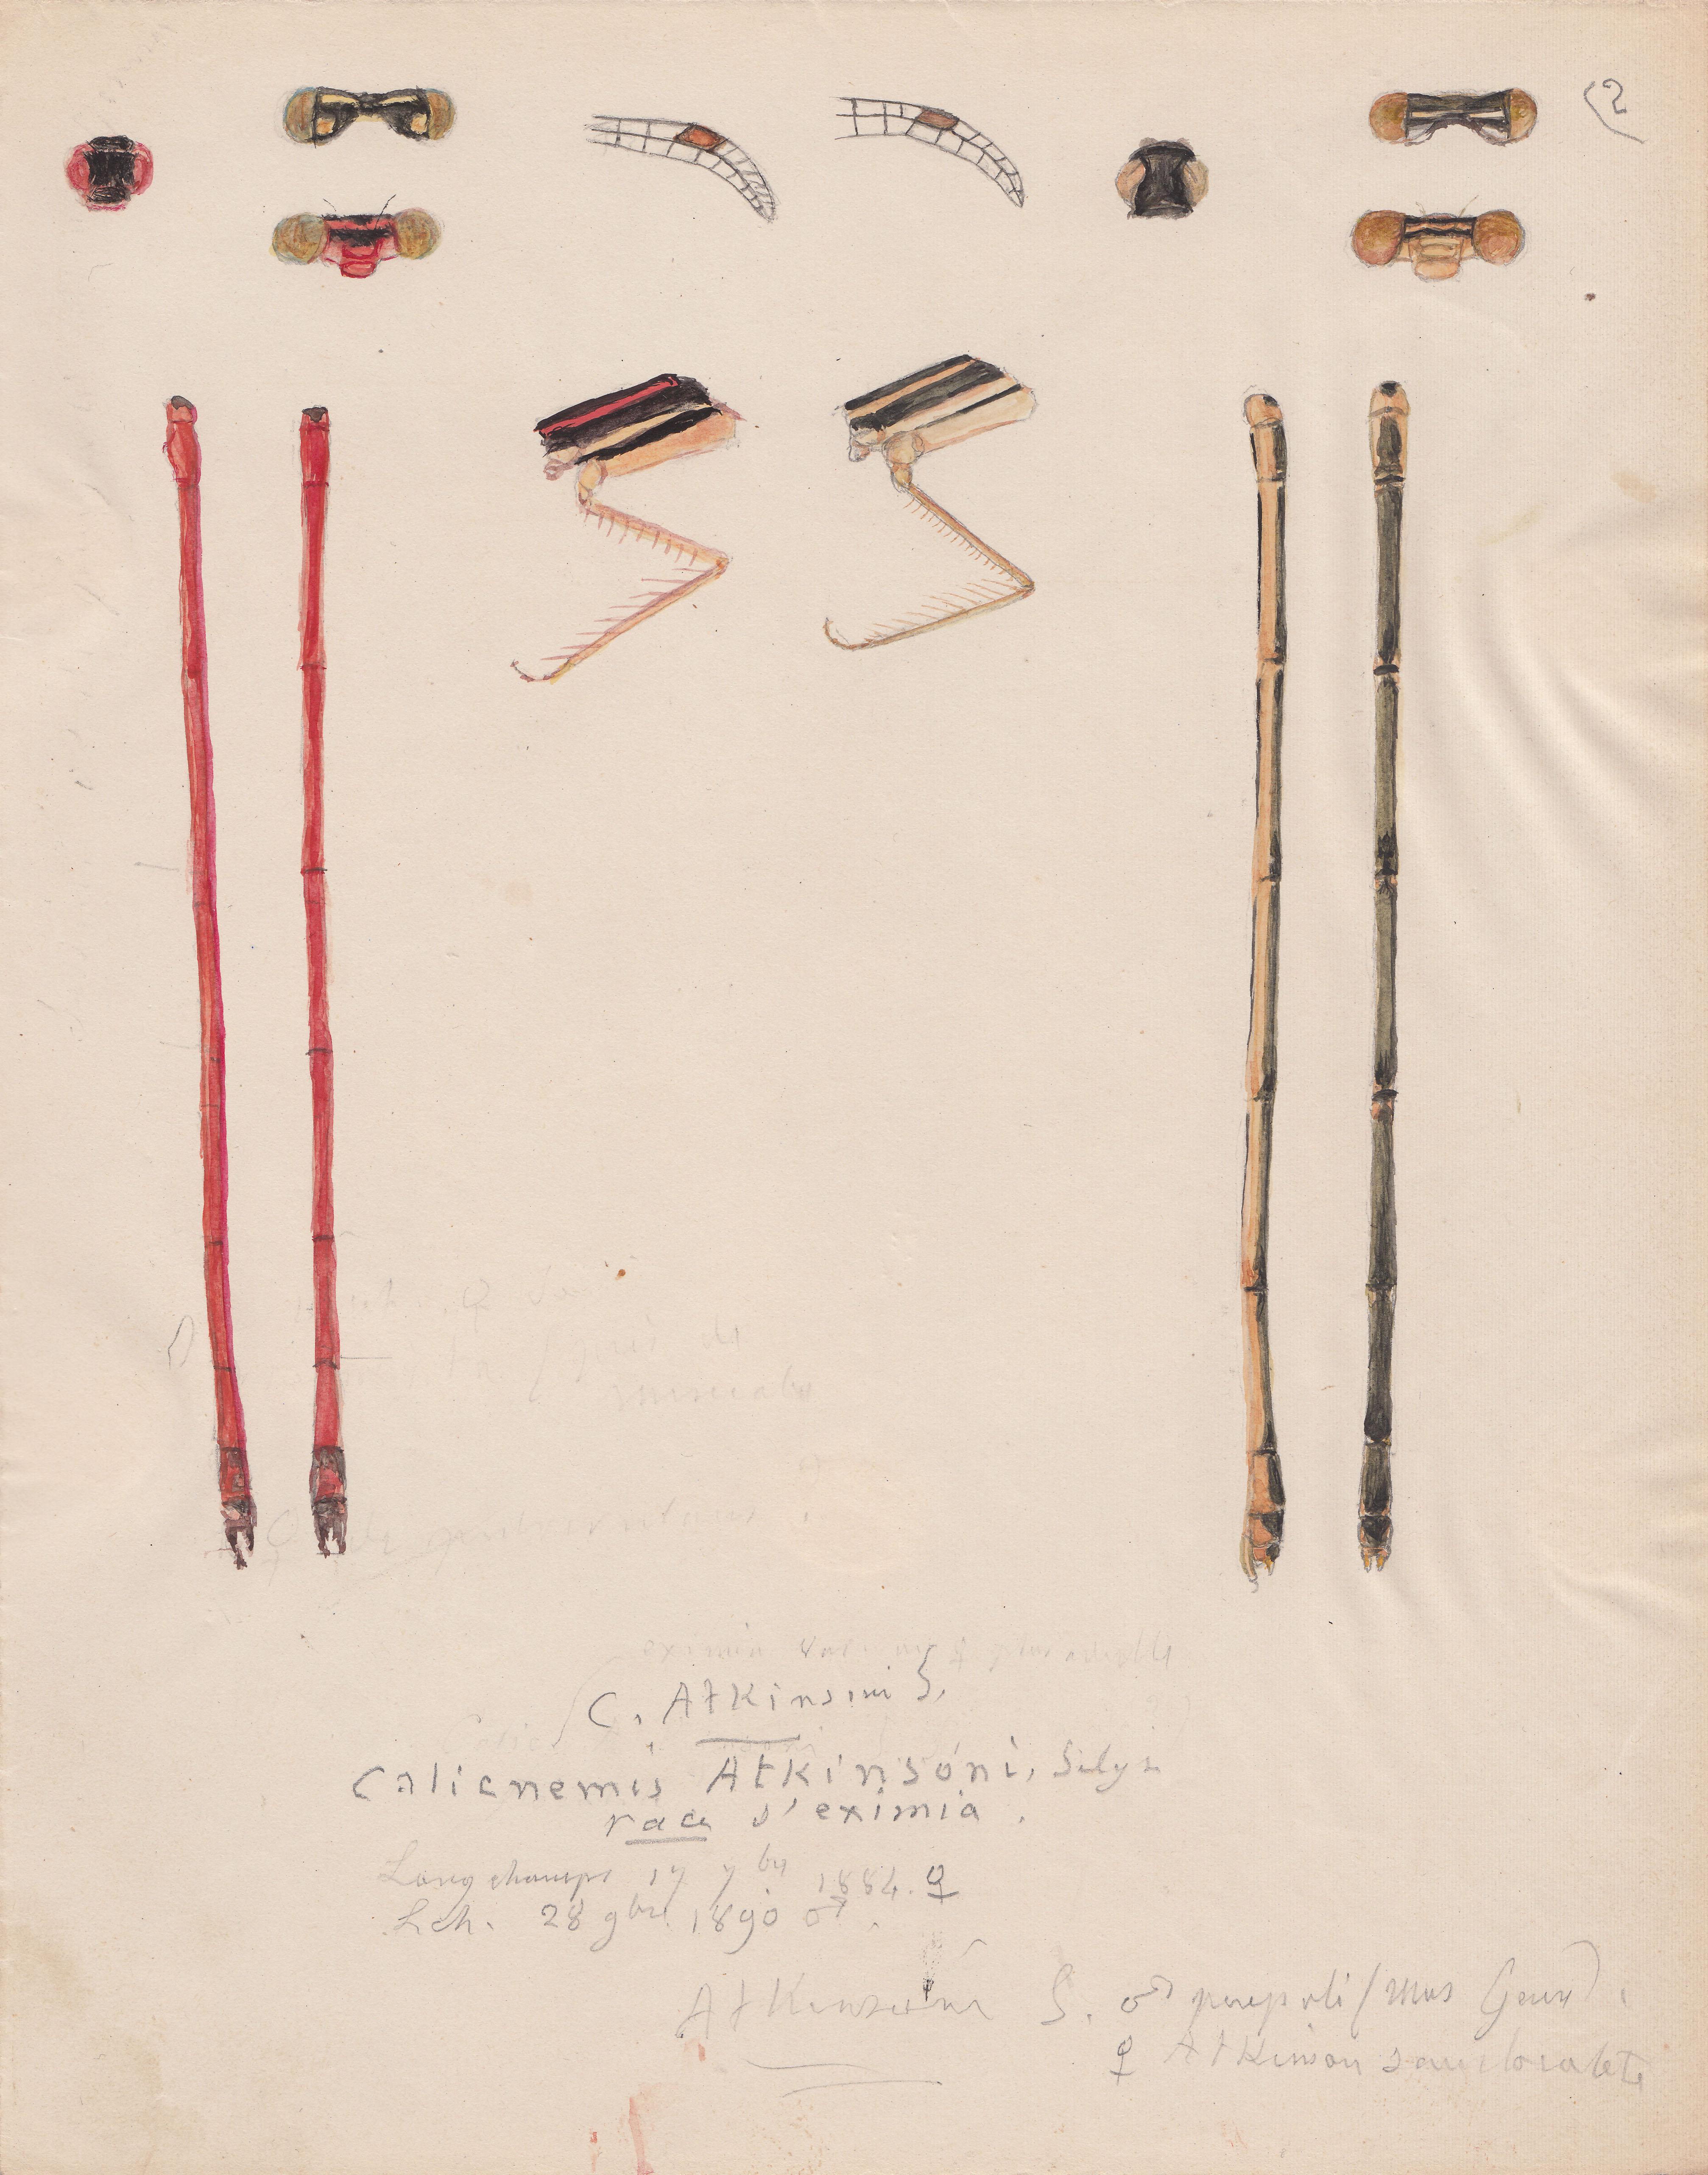 Calicnemis atkinsoni variety eximia.jpg